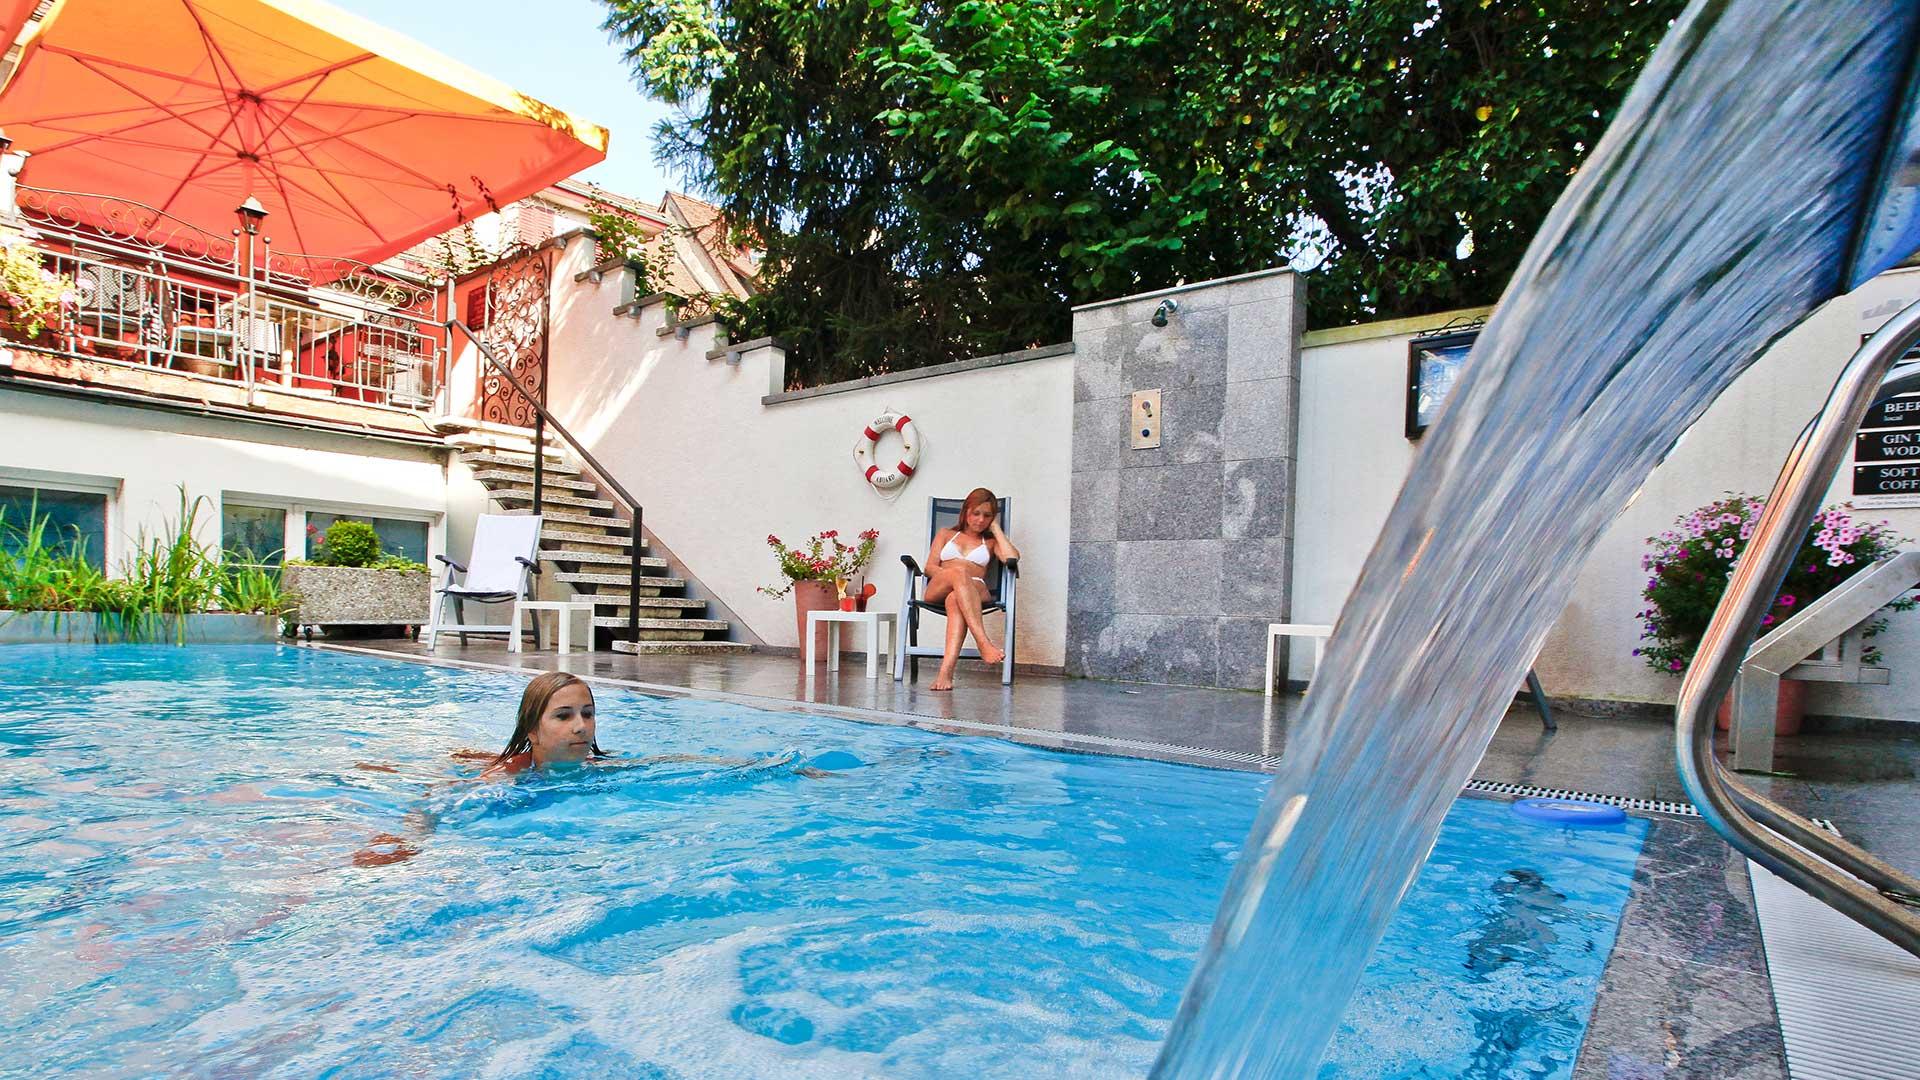 BASLERTOR_Summer-Pool_Hotel_Pool